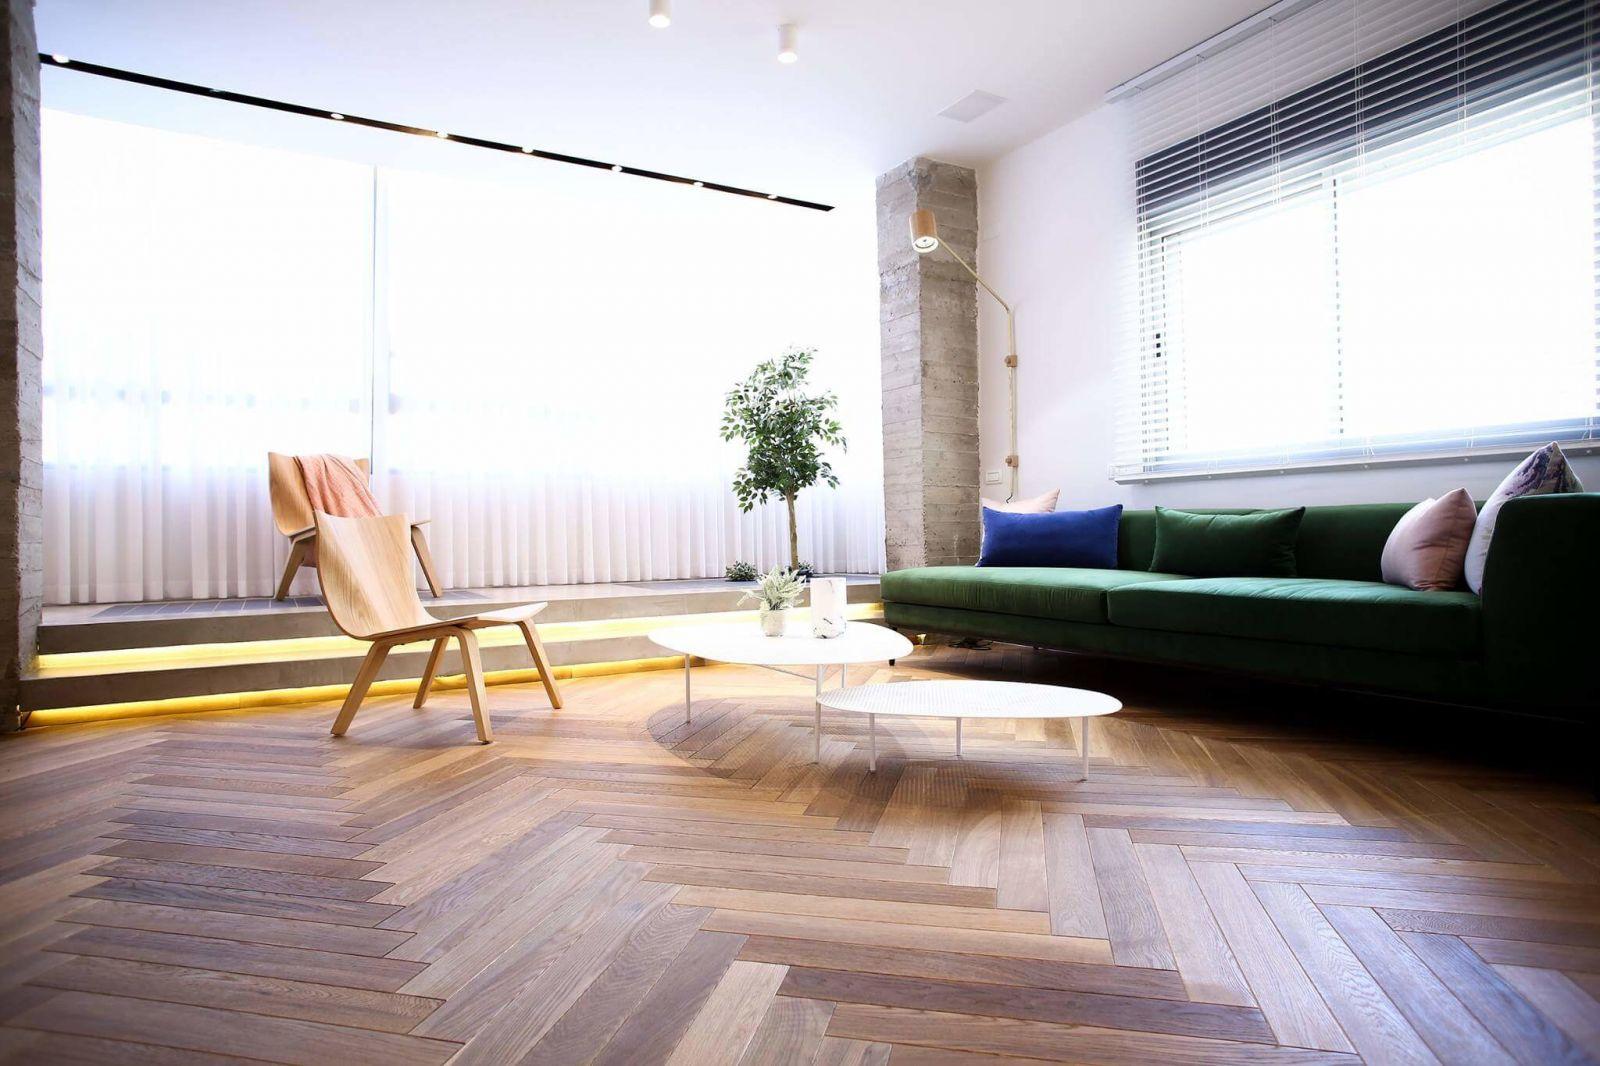 Сдержанность интерьера разбавляют дизайнерские предметы мебели и живыерастения